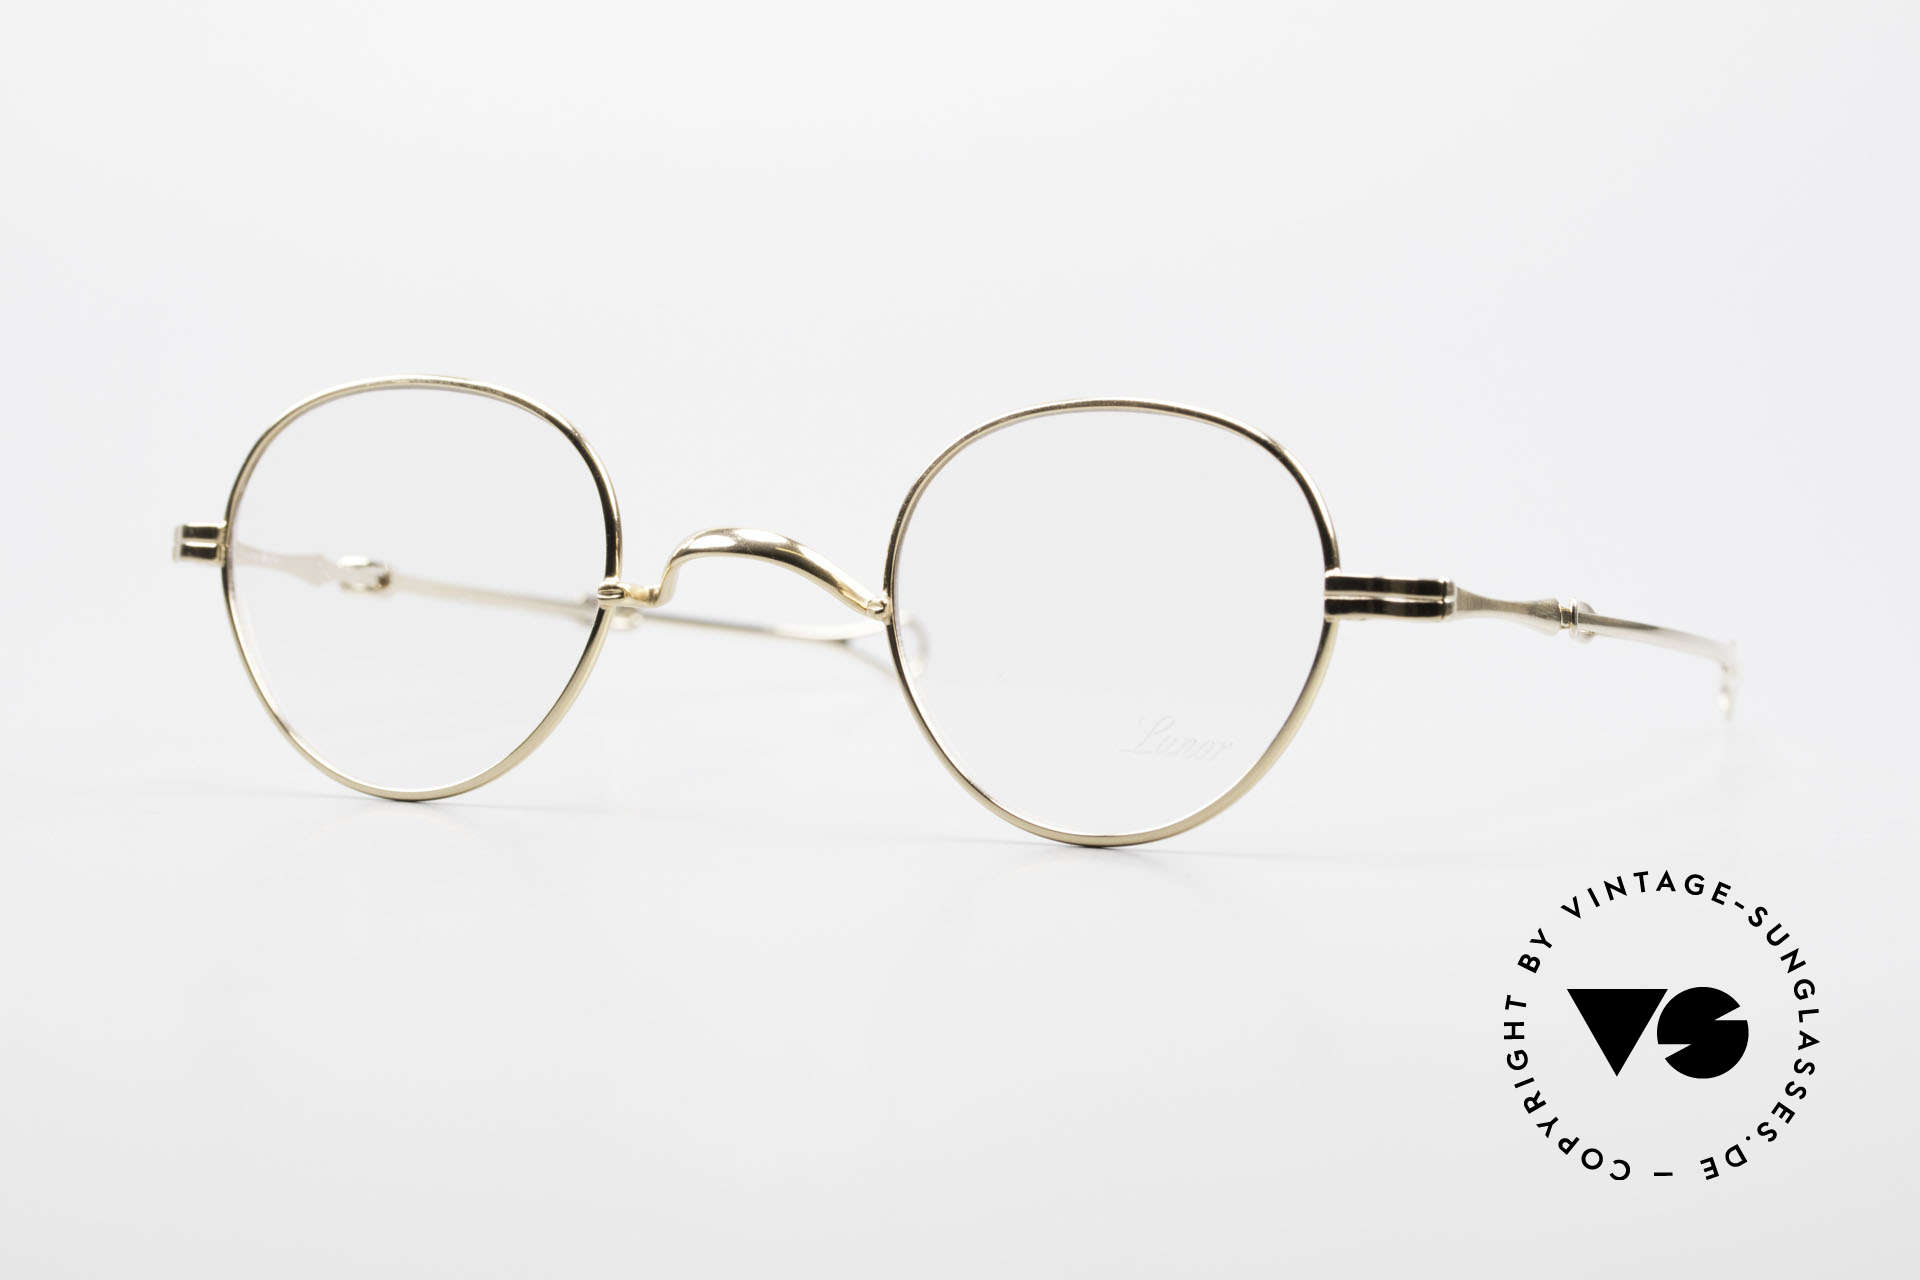 """Lunor I 15 Telescopic Vergoldet Mit Schiebebügeln, LUNOR = französisch für """"Lunette d'Or"""" (Goldbrille), Passend für Herren und Damen"""